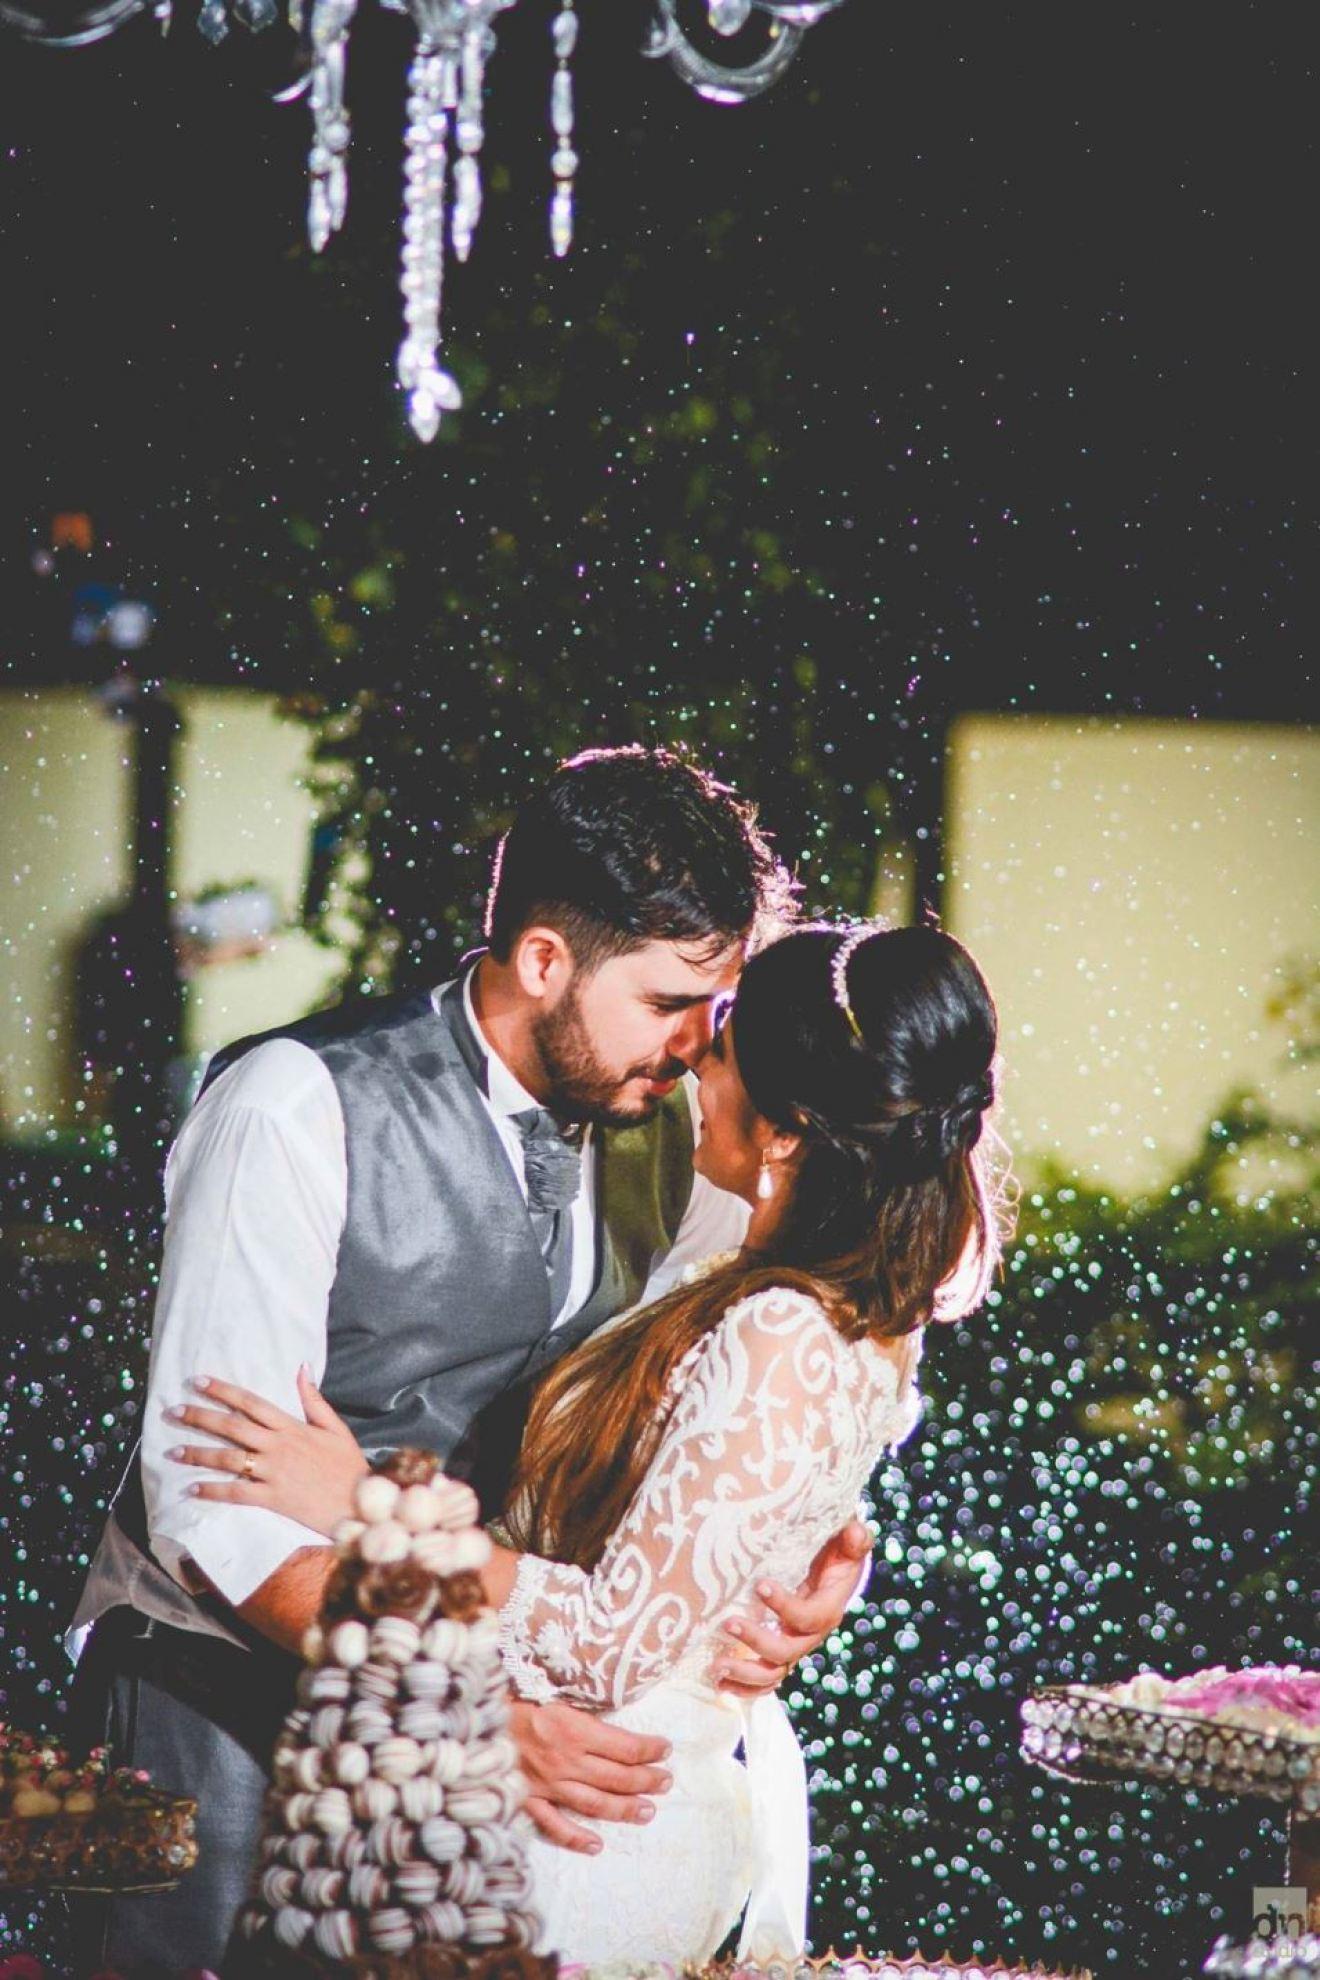 relato-casamento-real-economico-goias-thalita-bruno-casando-sem-grana (18)